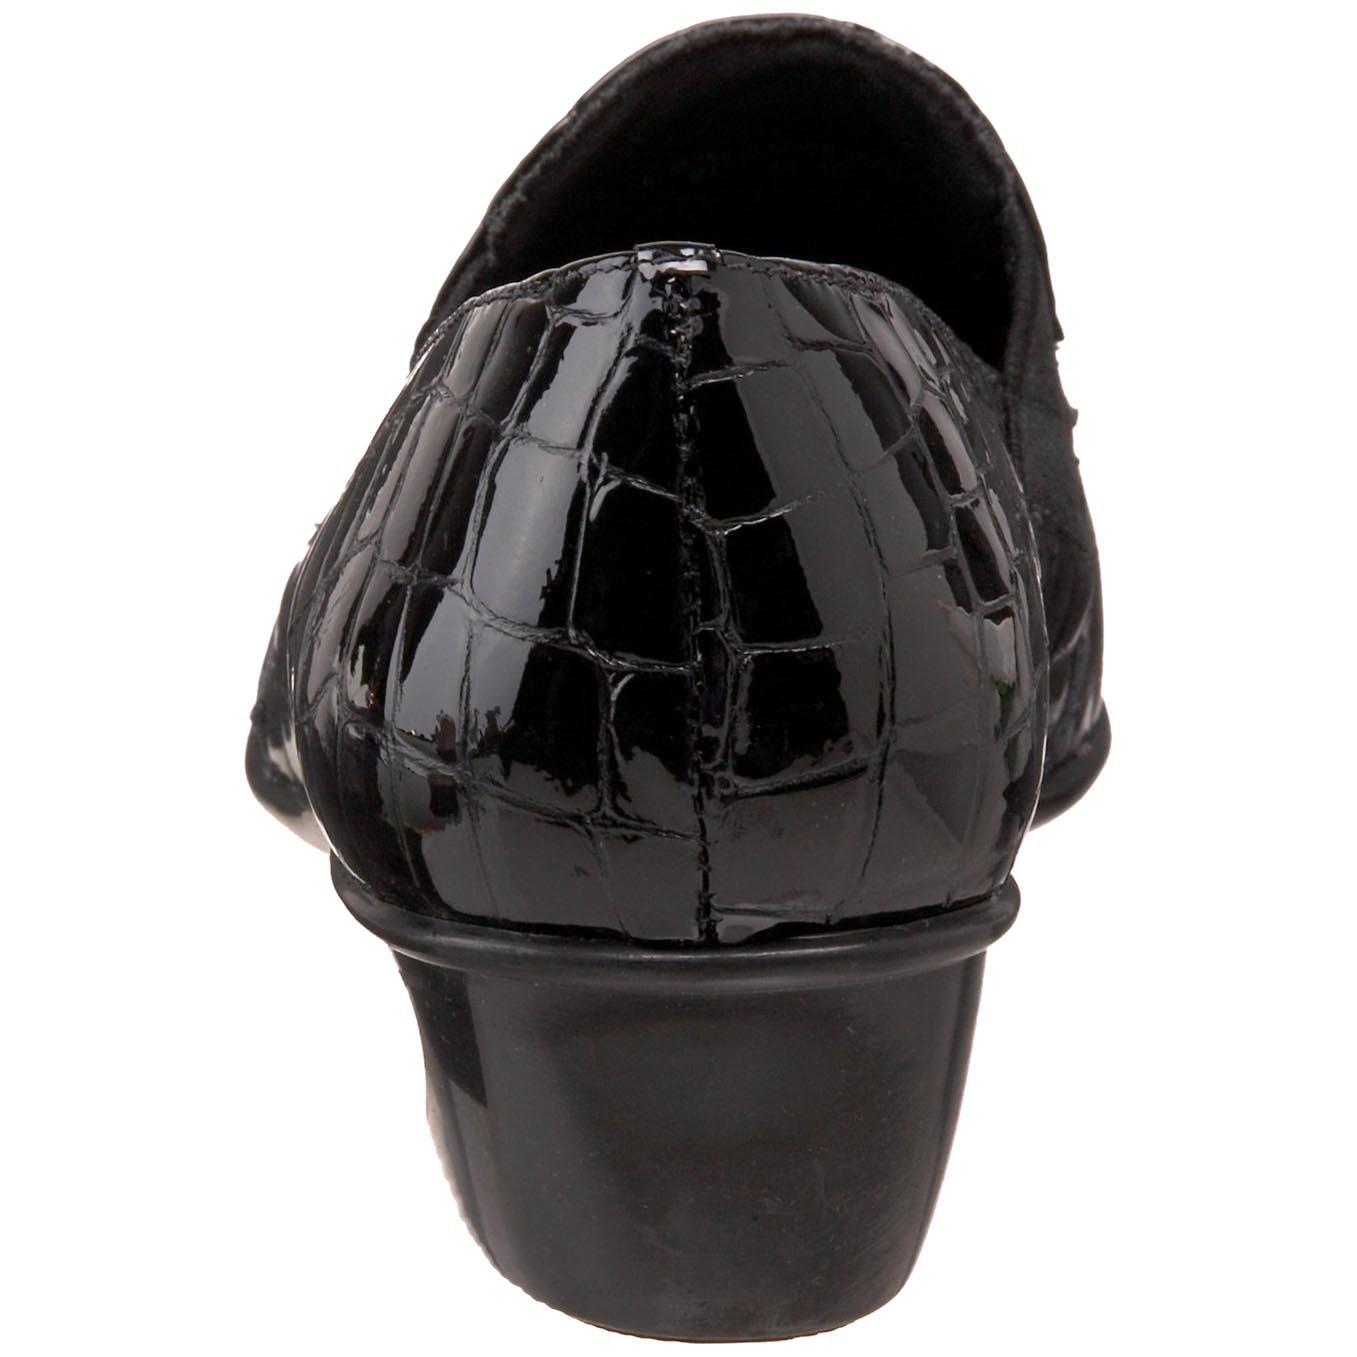 Walking Cradles Women's Teri Flat Croc B00429Q70M 7 XW US Black Croc Flat Patent 180710